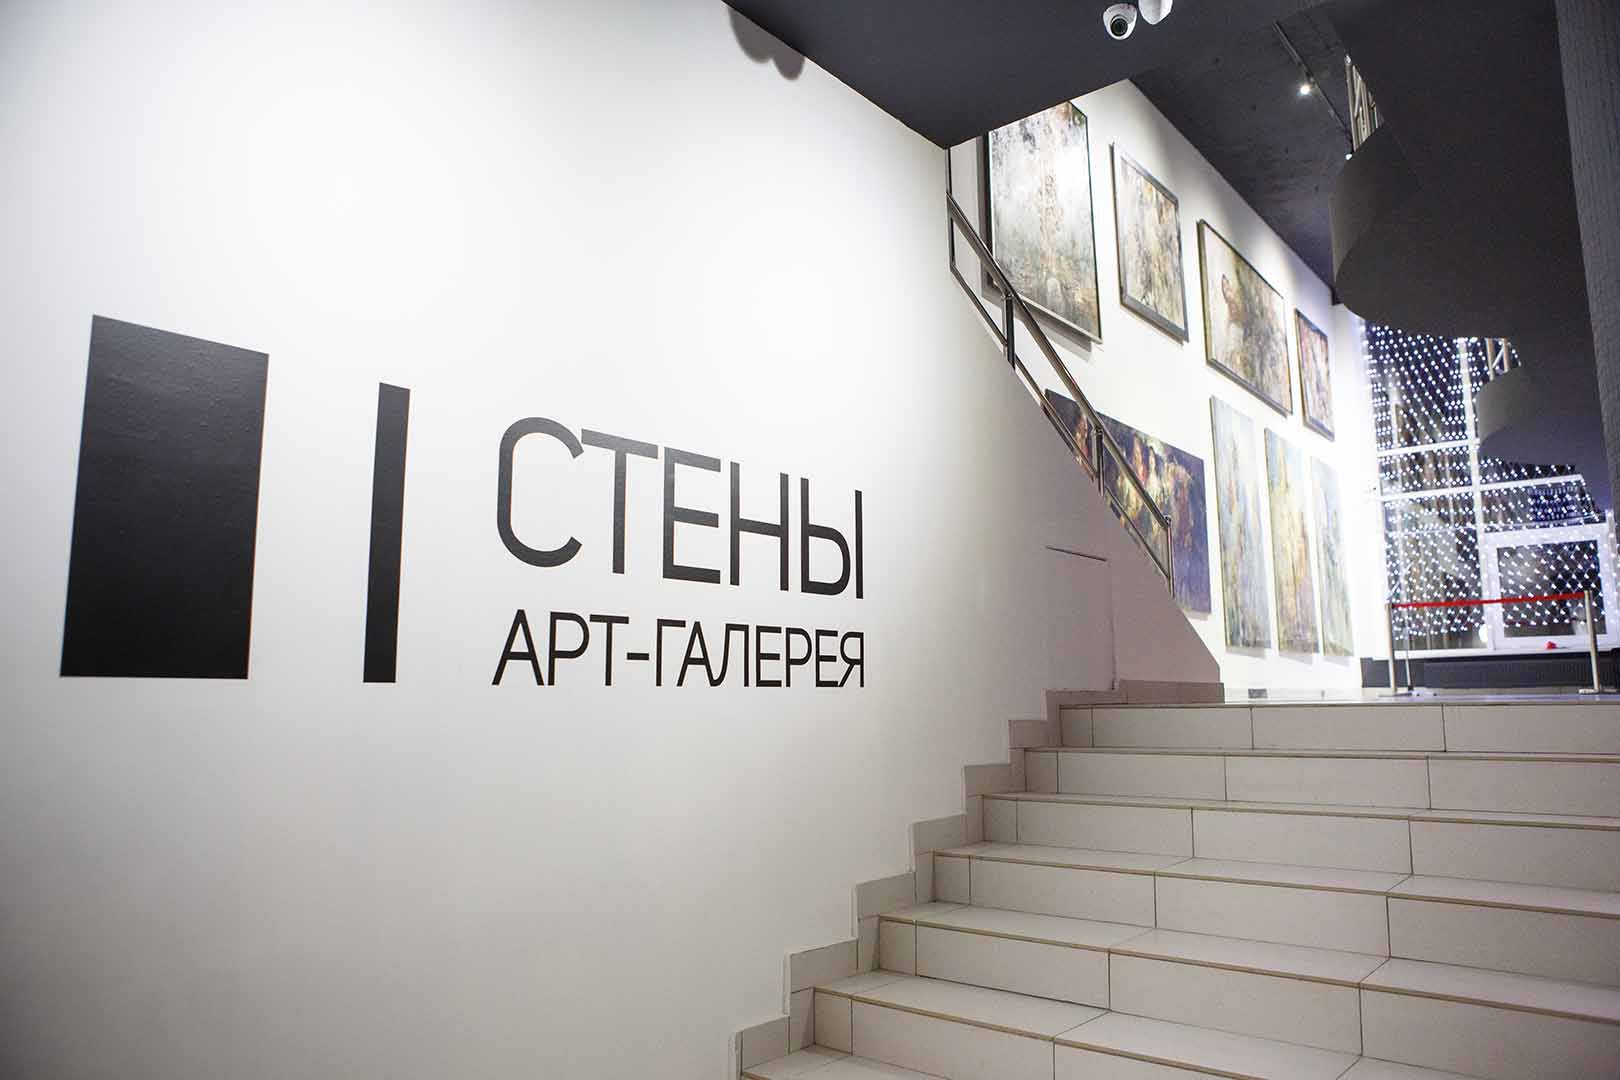 Арт-галерея «Стены» открылась недавно, но уже гремит в Екатеринбурге